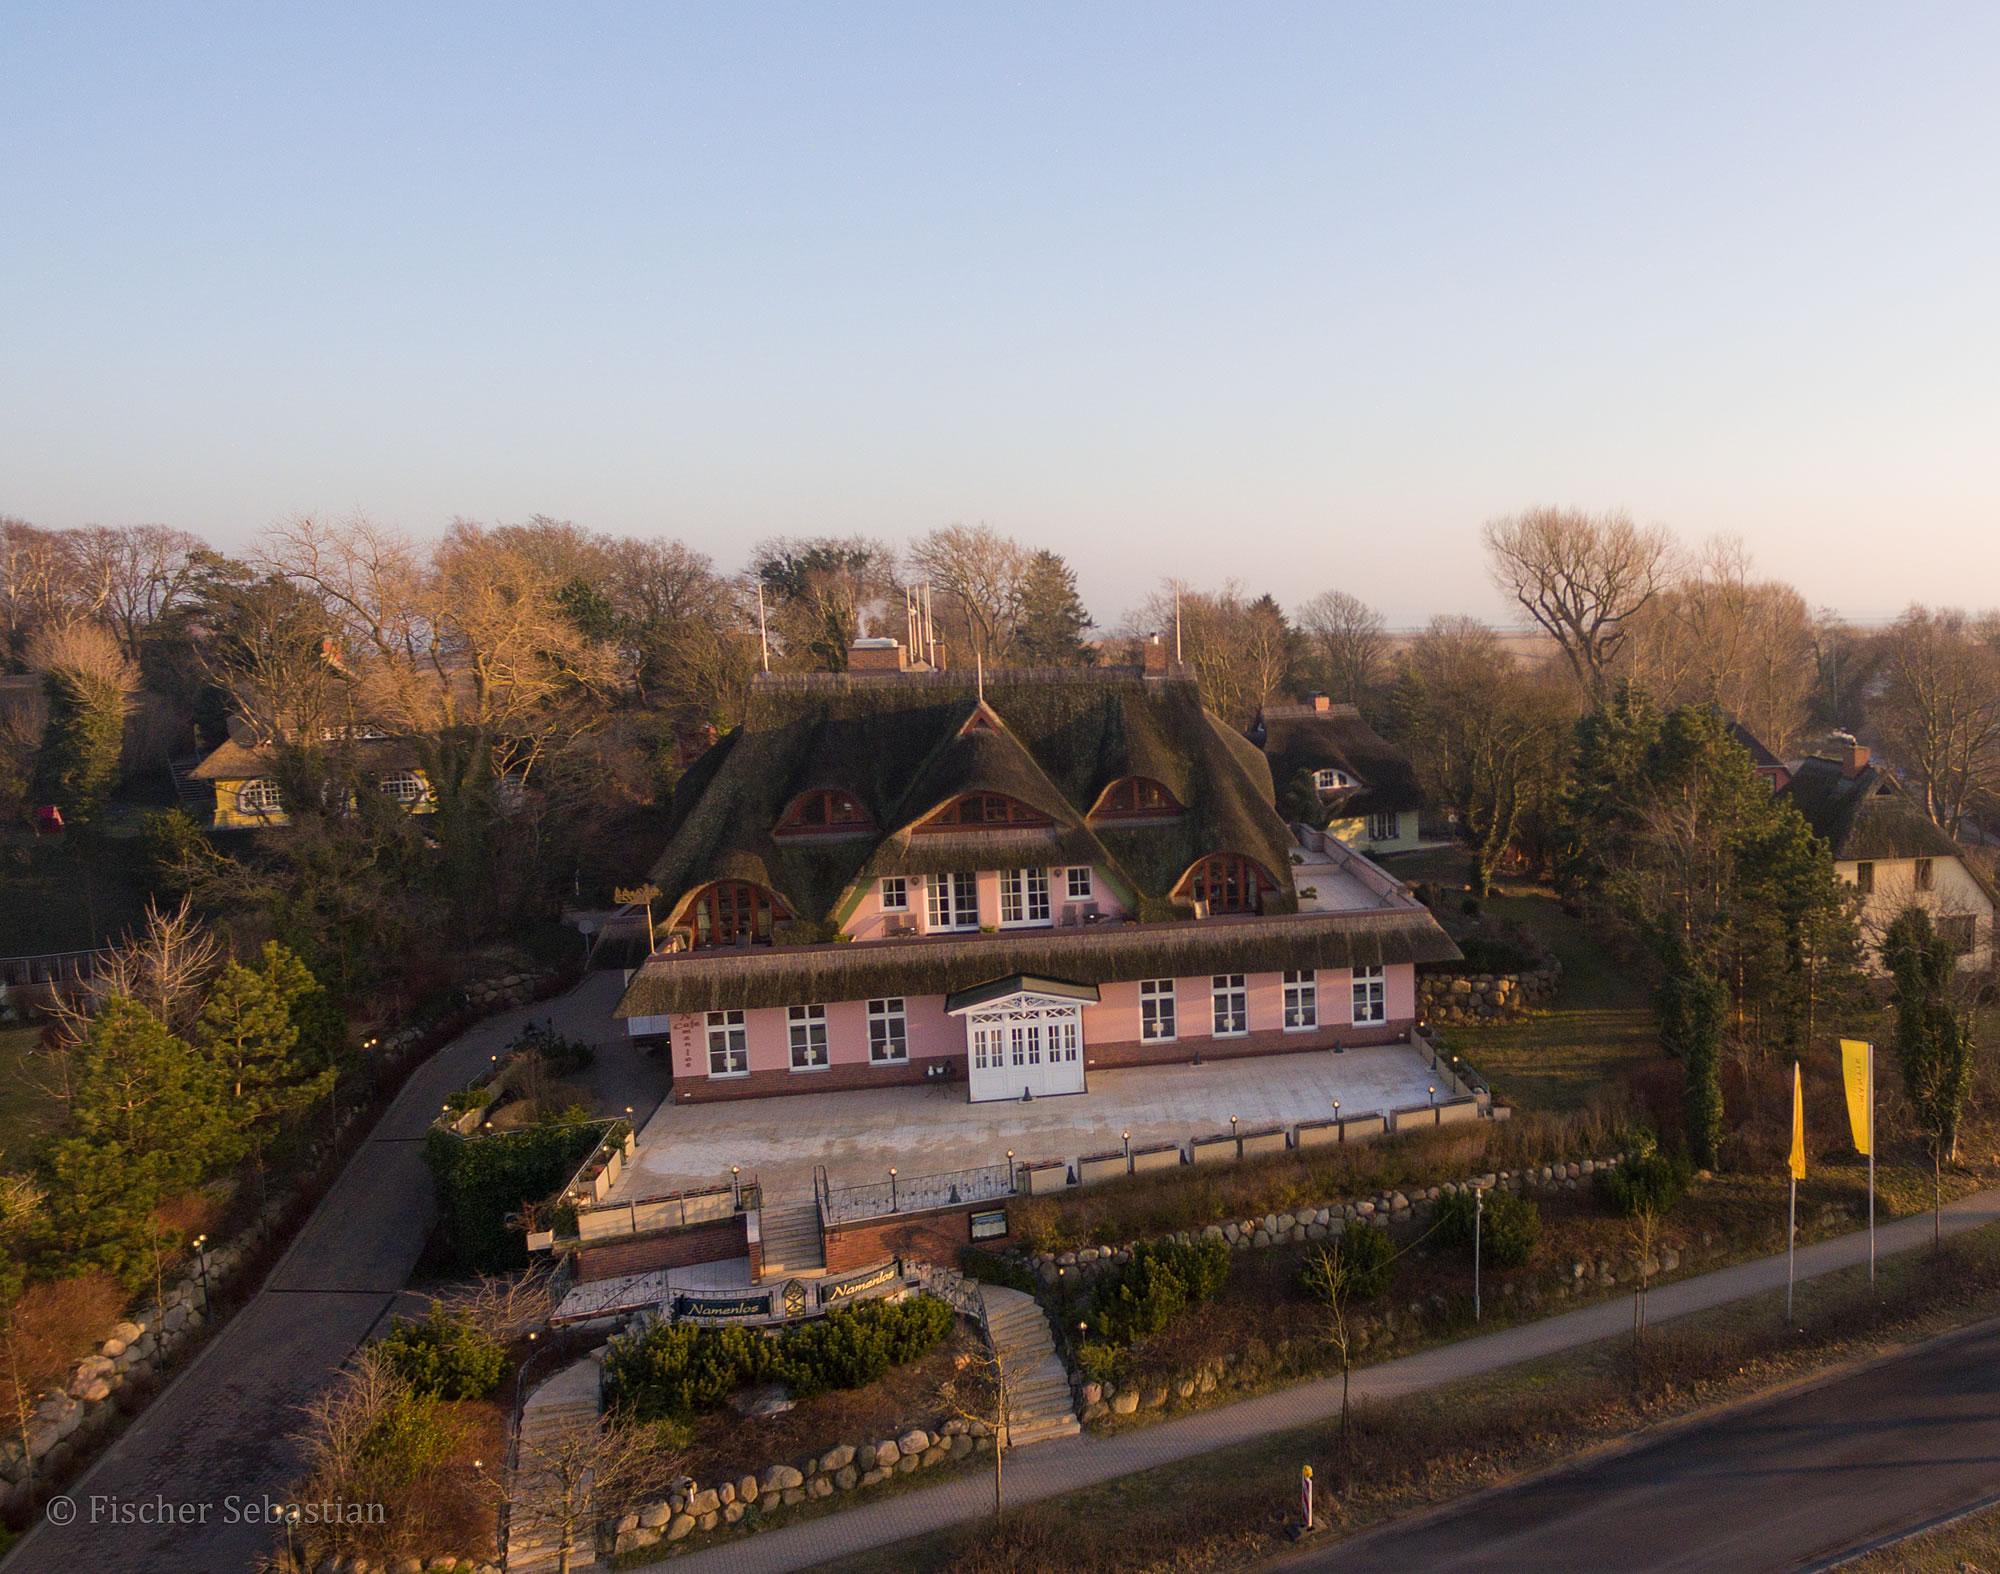 Hotel Namenlos, Ostseeseite, Drohnenfoto